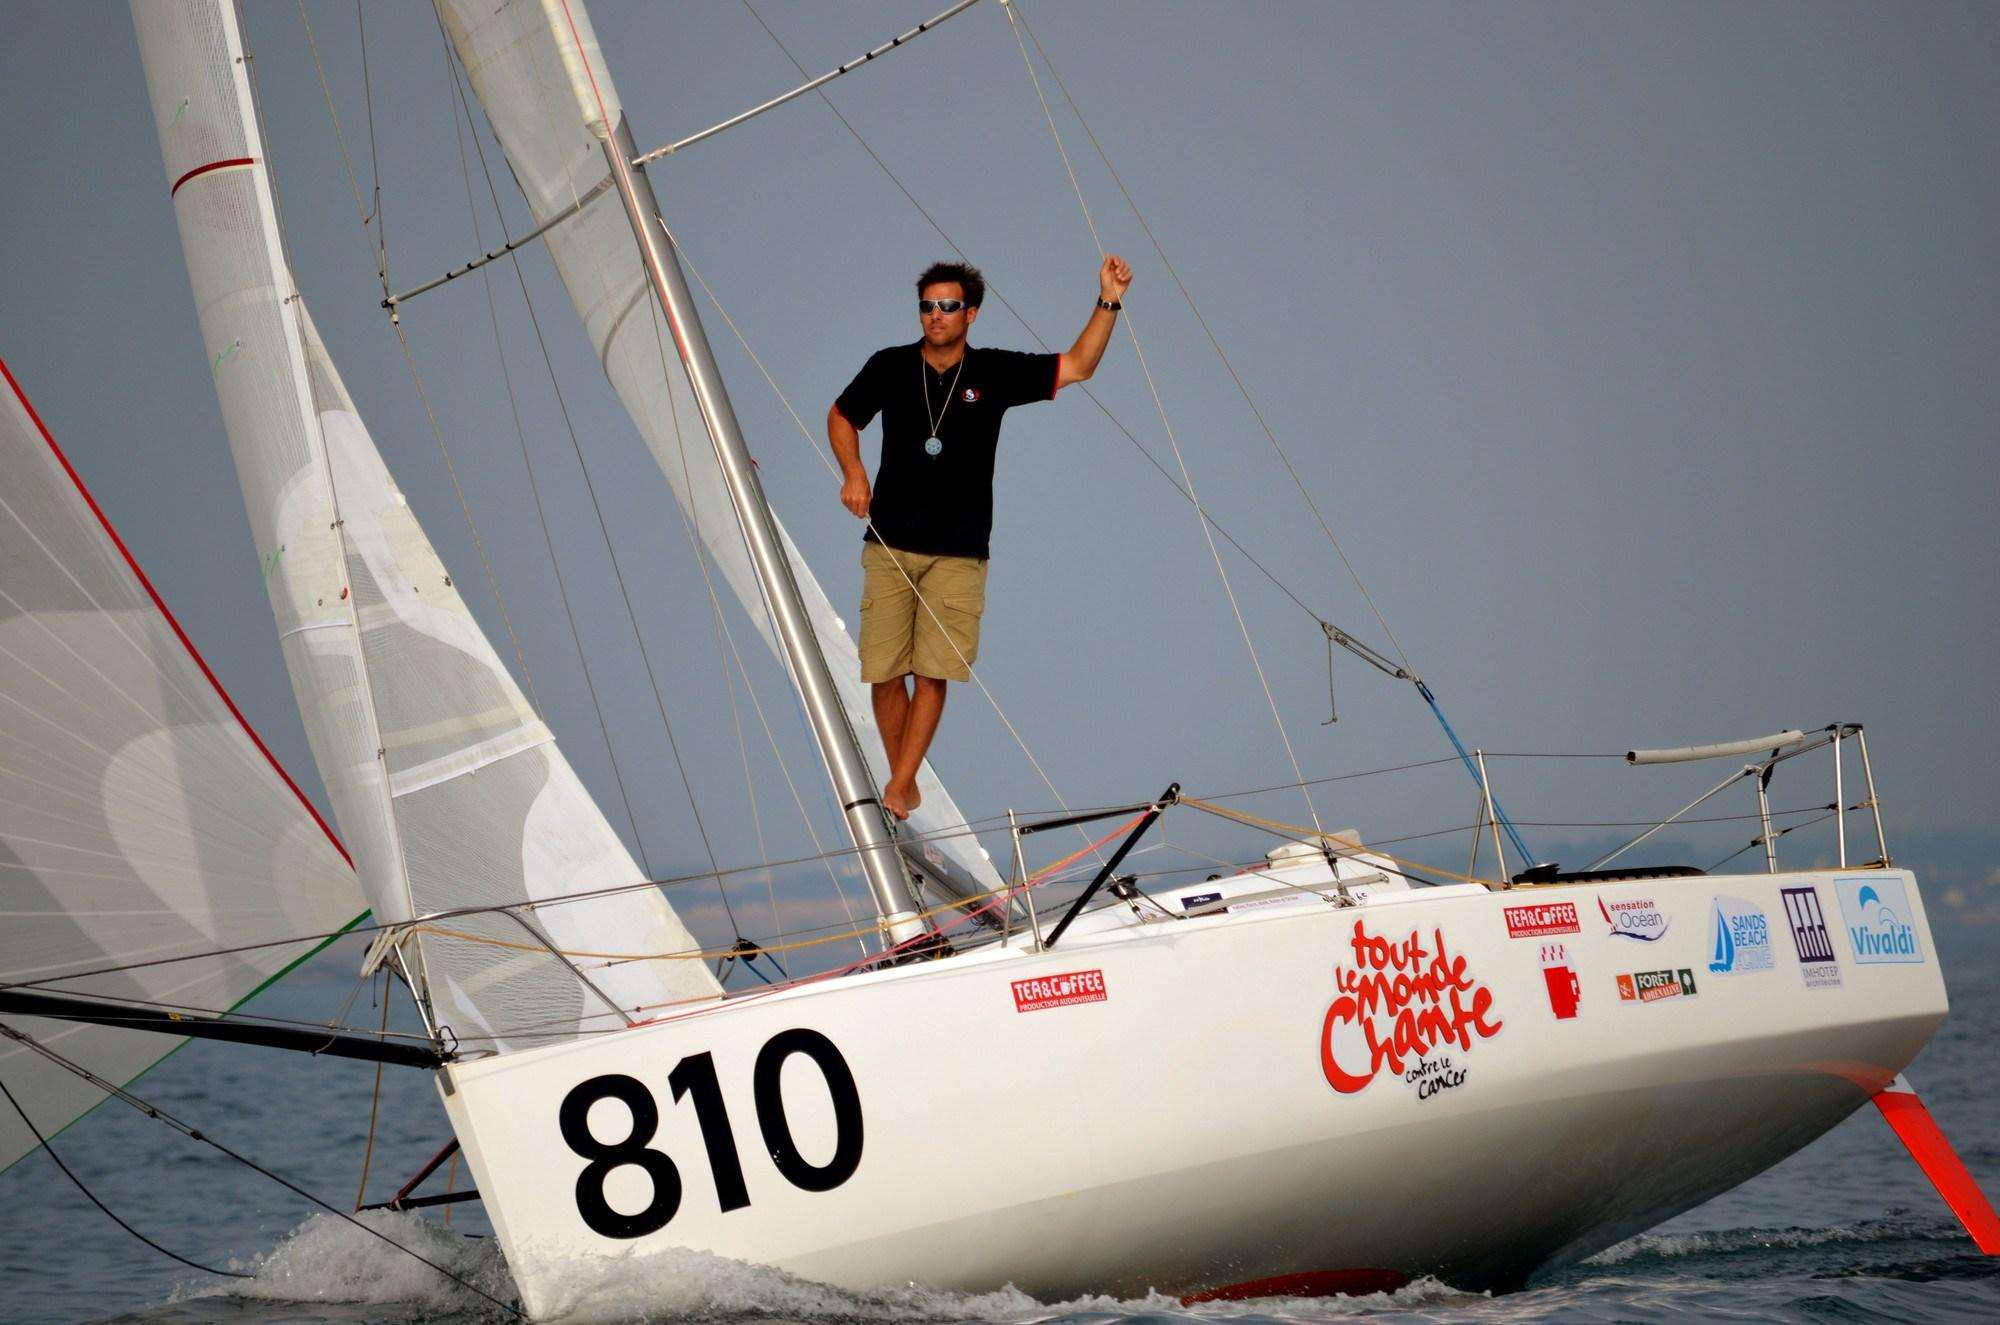 Aymeric Belloir à bord de son Nacira 6.50